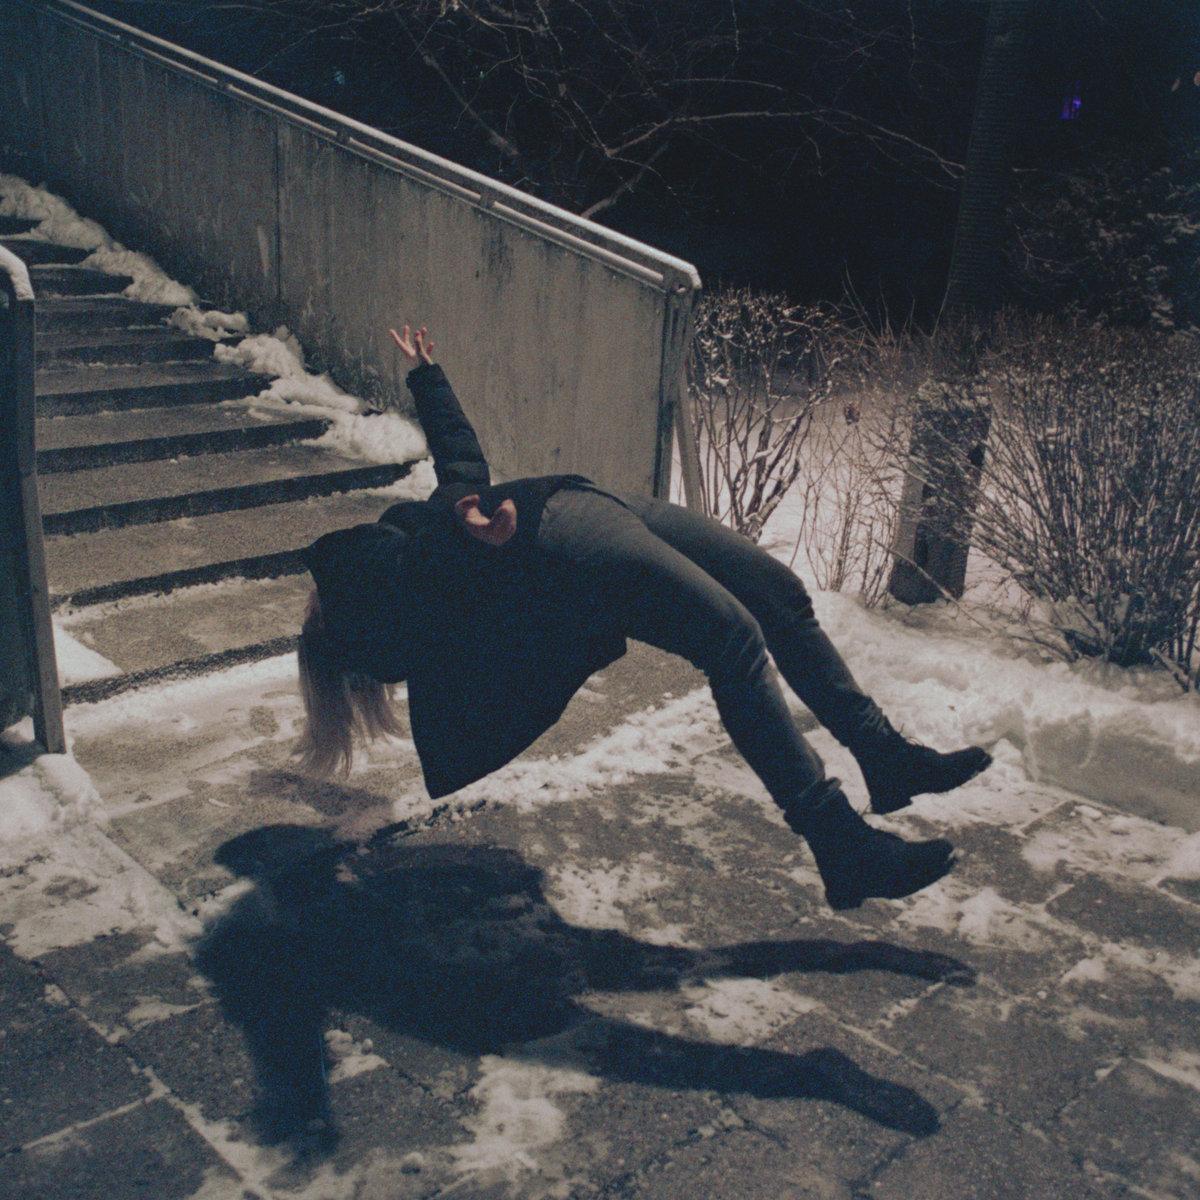 Zamilska — Uncovered - Untuned Records, Jul. 2019